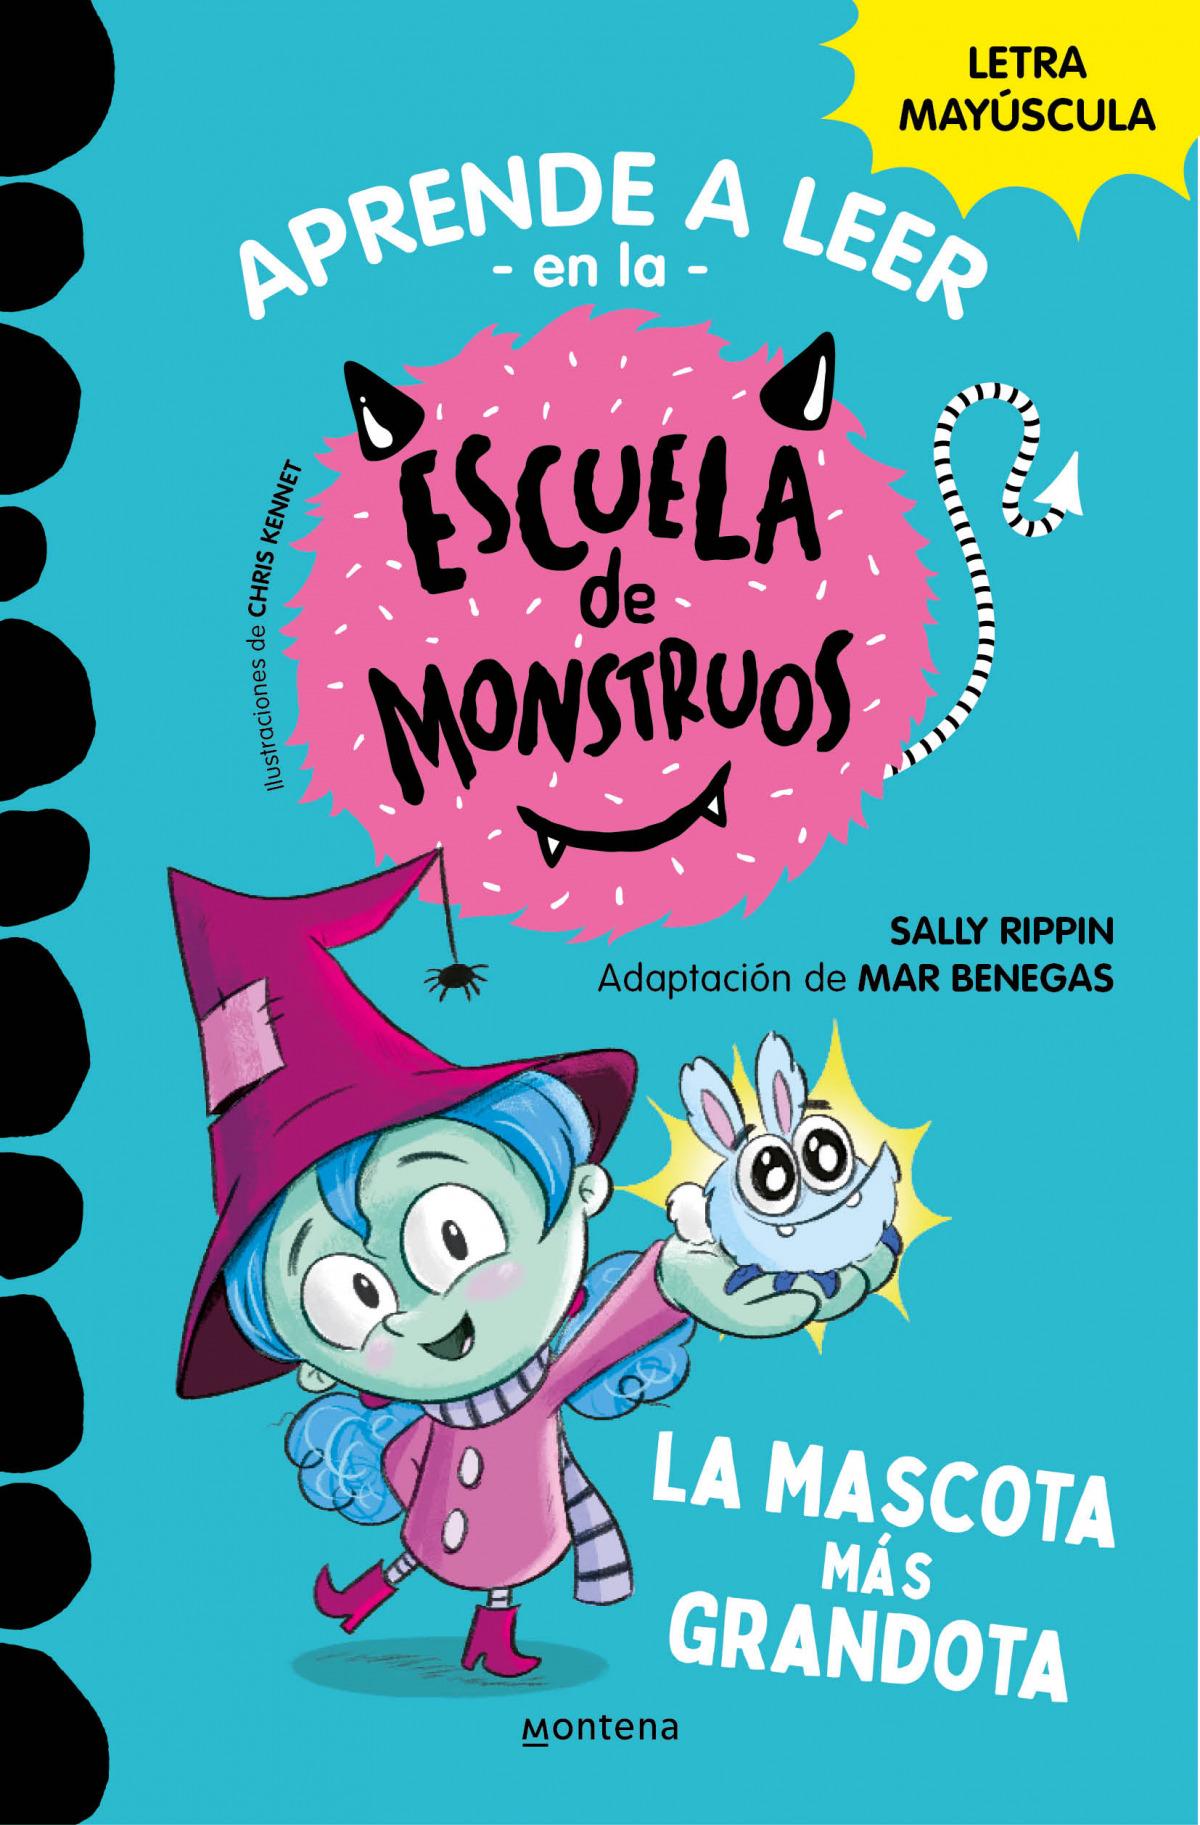 Aprender a leer en la Escuela de Monstruos 1 La mascota más grandota (Aprender a leer en la E